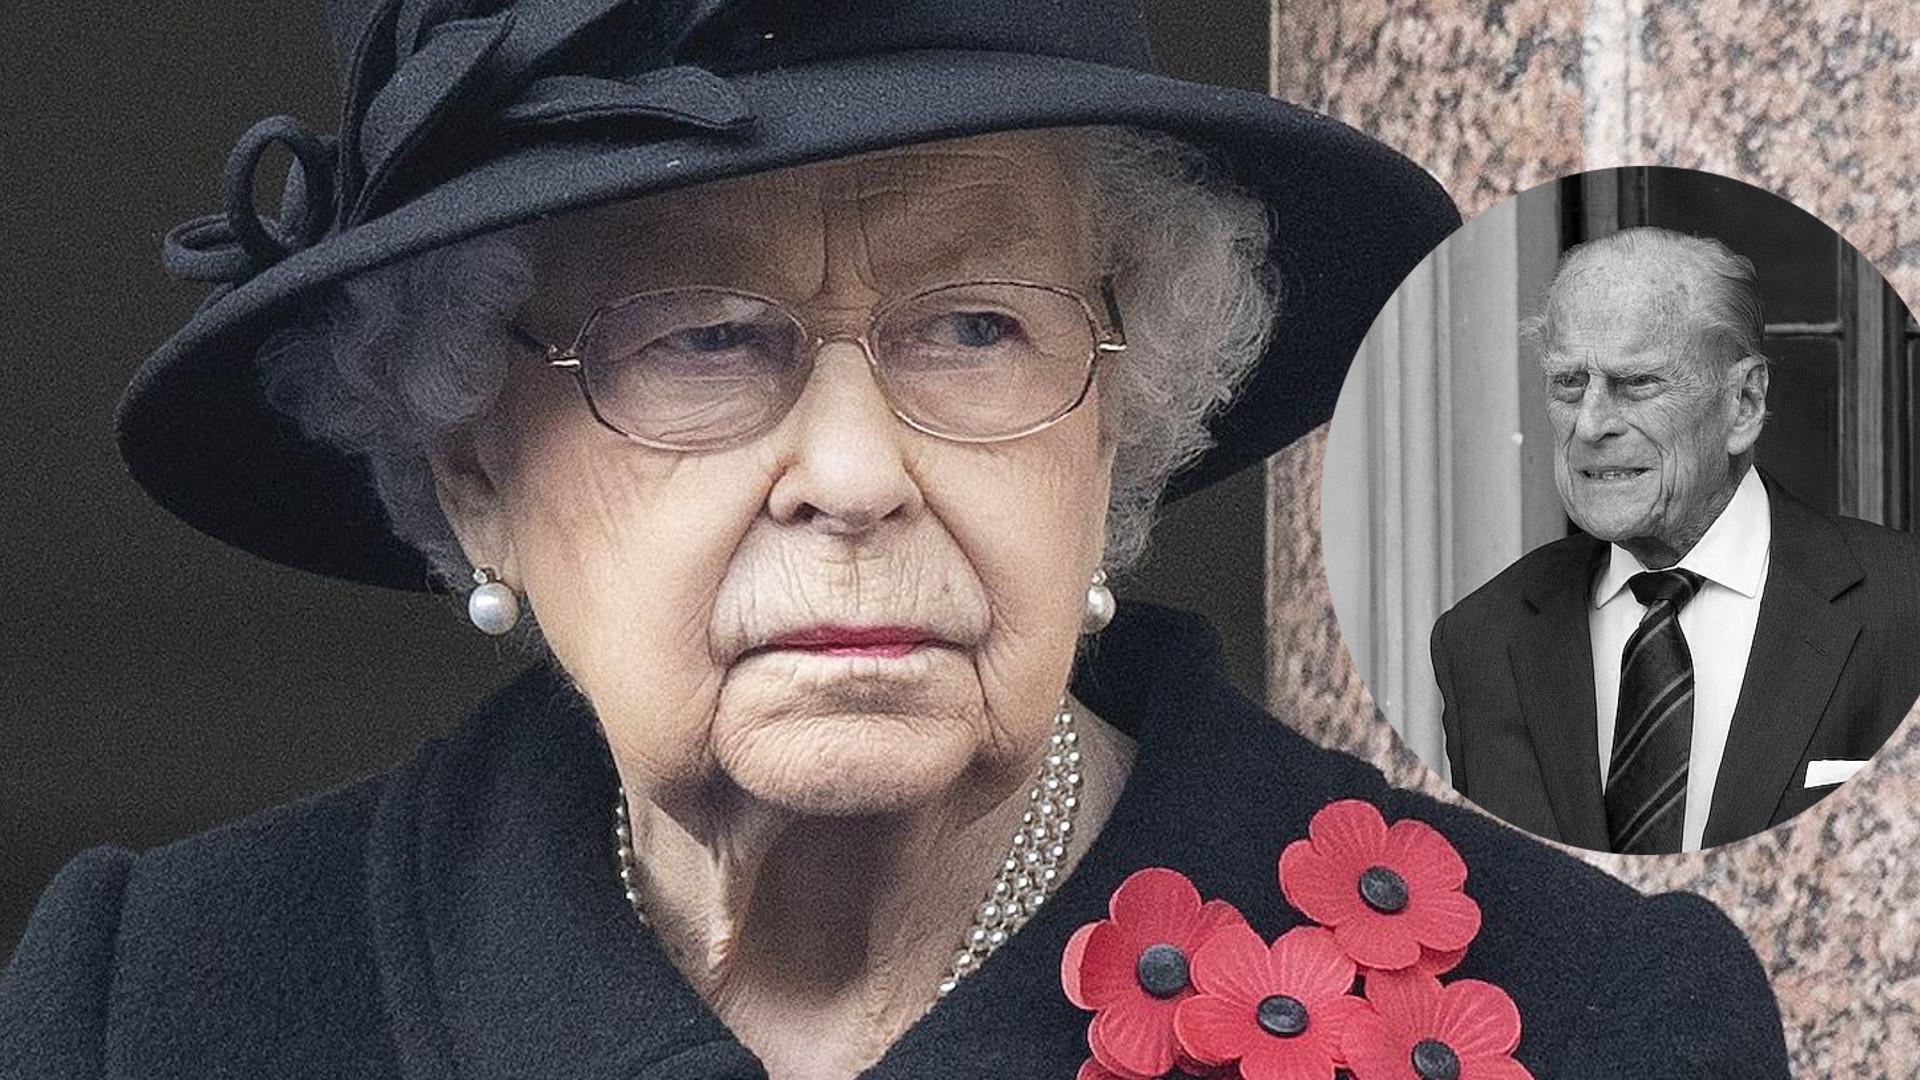 Panowie na pogrzebie księcia Filipa NIE pojawią się w mundurach. Wiadomo też, jak mają wyglądać kobiety